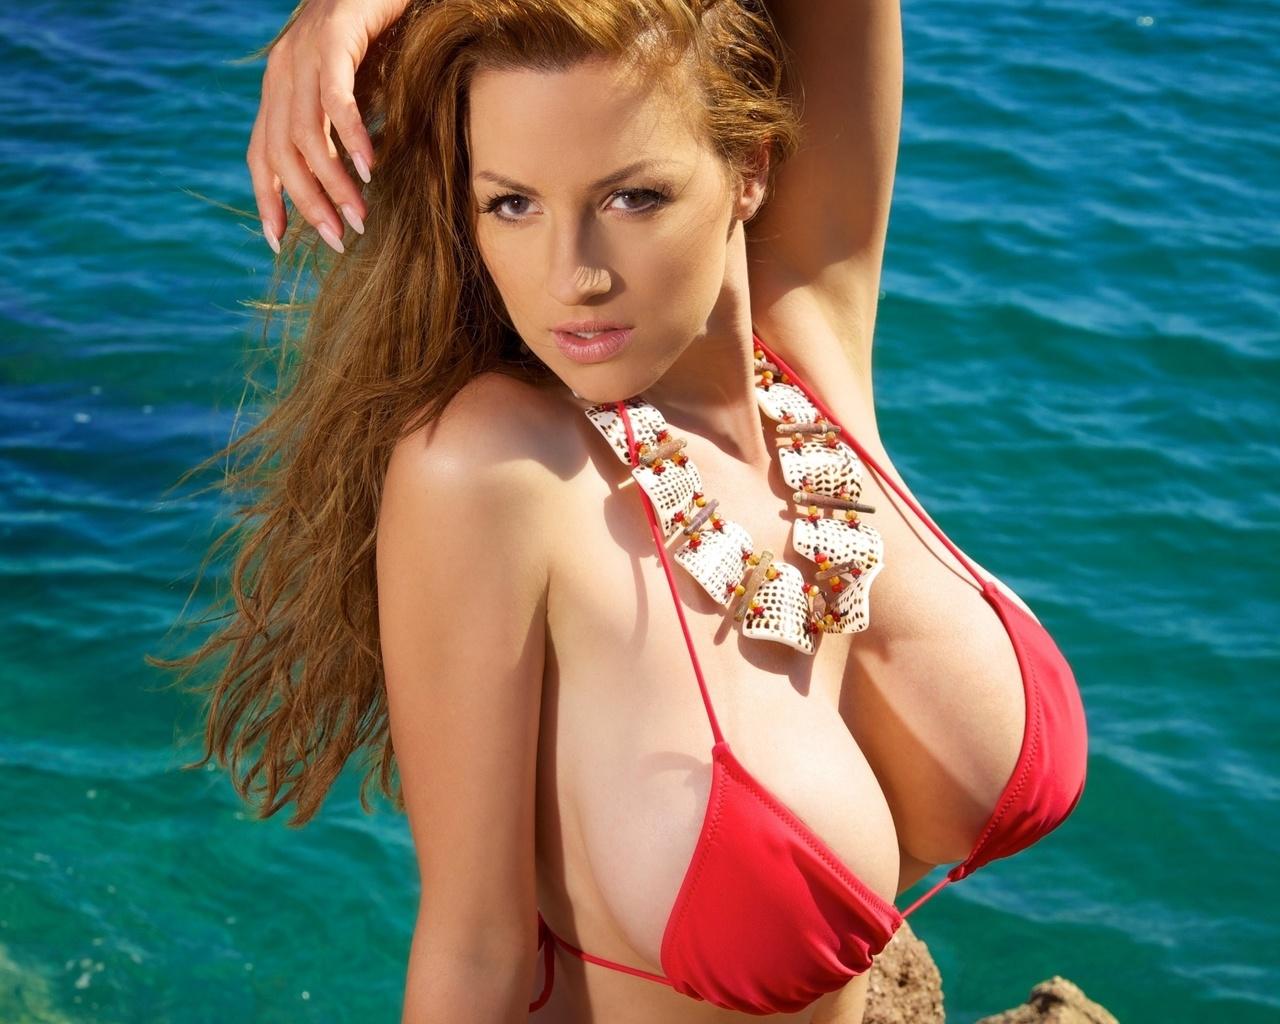 Самые красивые девушки мира без купальников 11 фотография